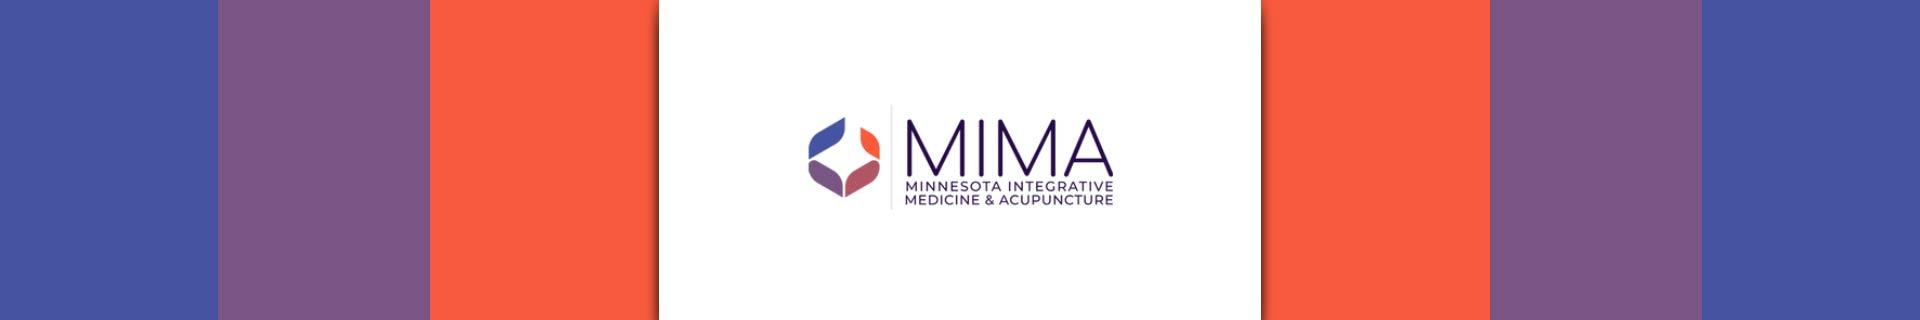 MIMA Minnesota Integrative Medicine & Acupuncture